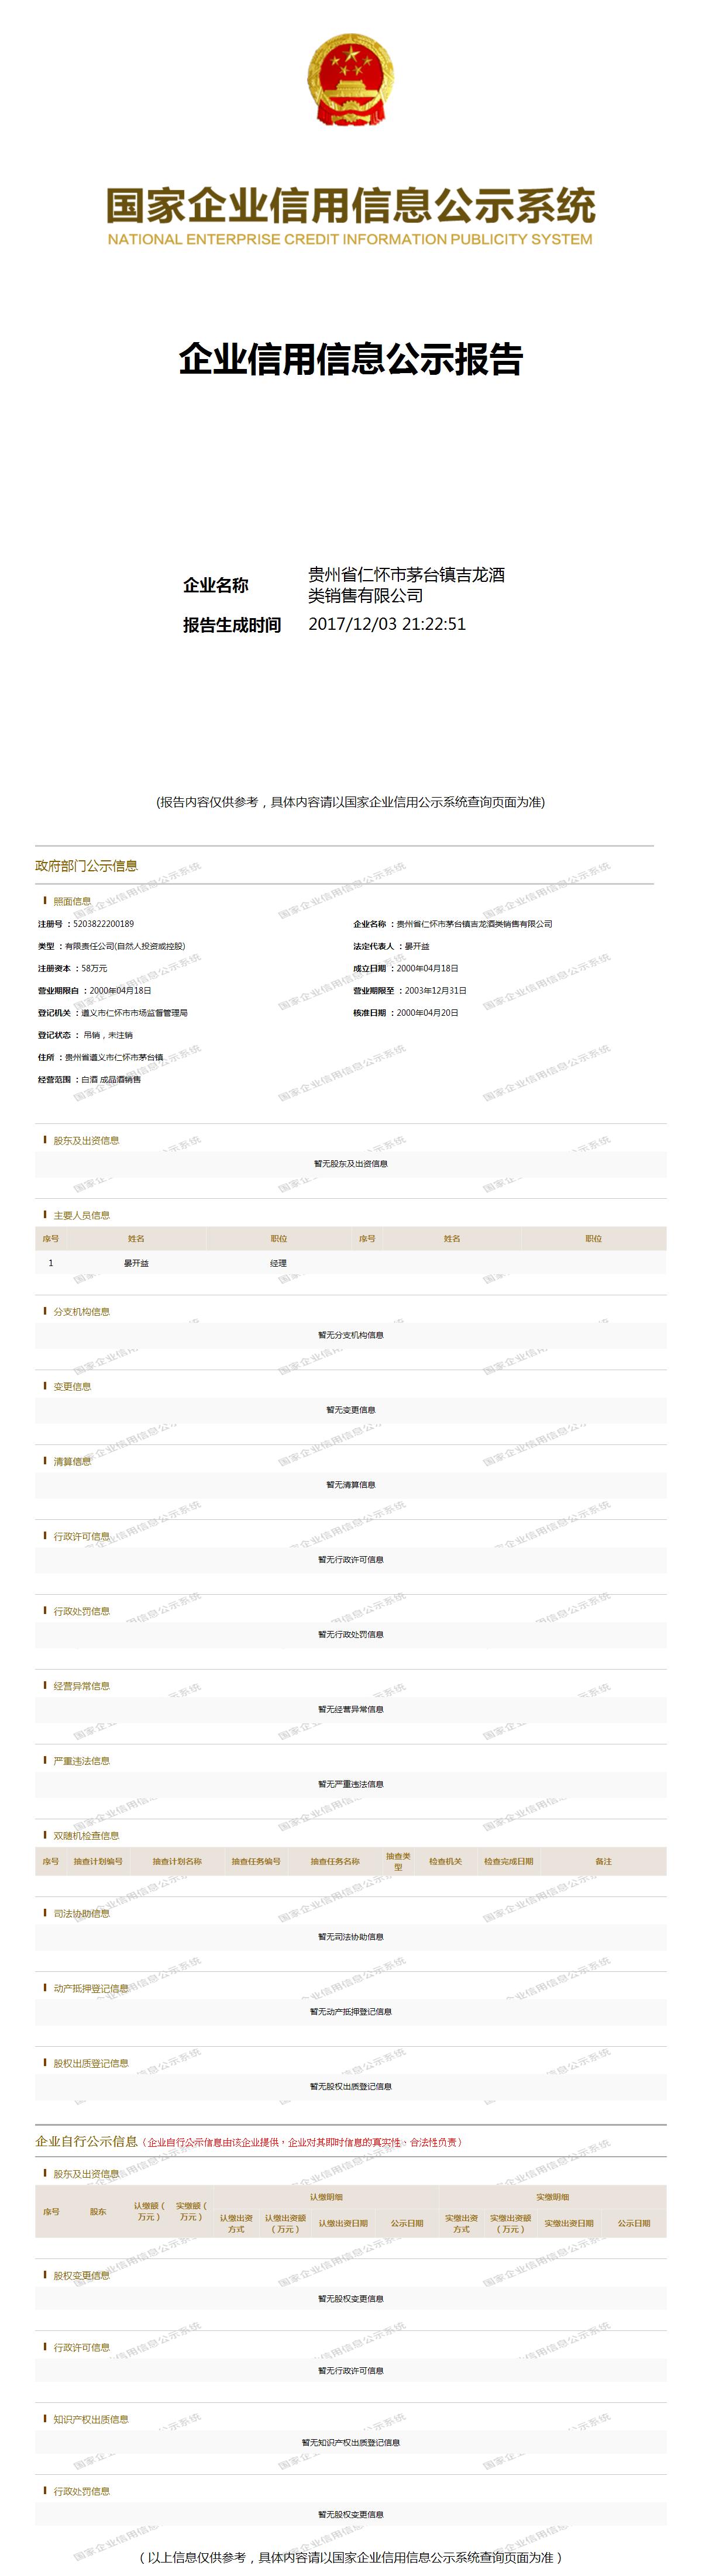 贵州省仁怀市茅台镇吉龙酒类销售有限公司 - 工商官网